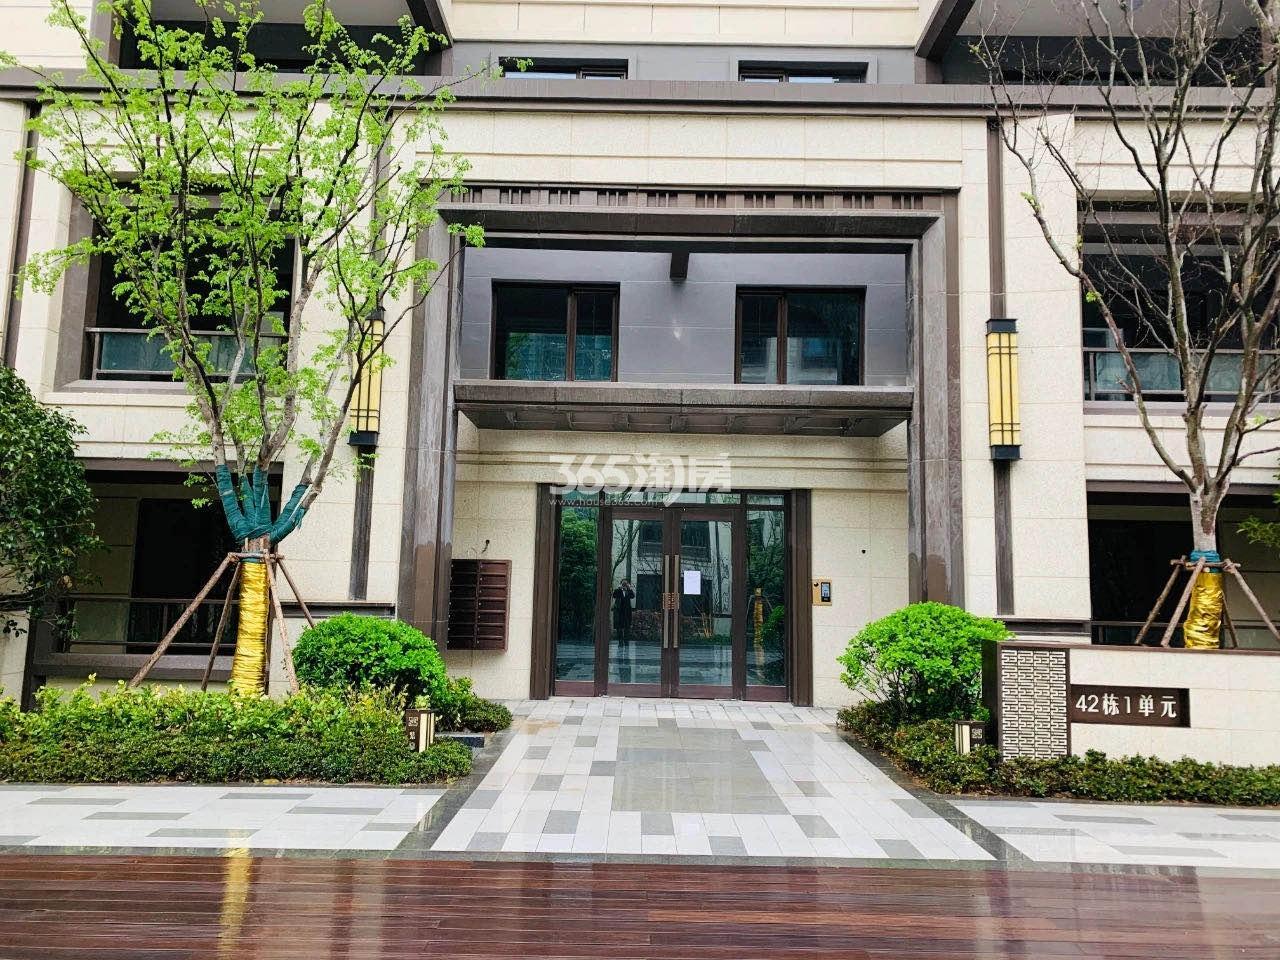 金隅紫京叠院42号楼单元入户实景图(11.26)